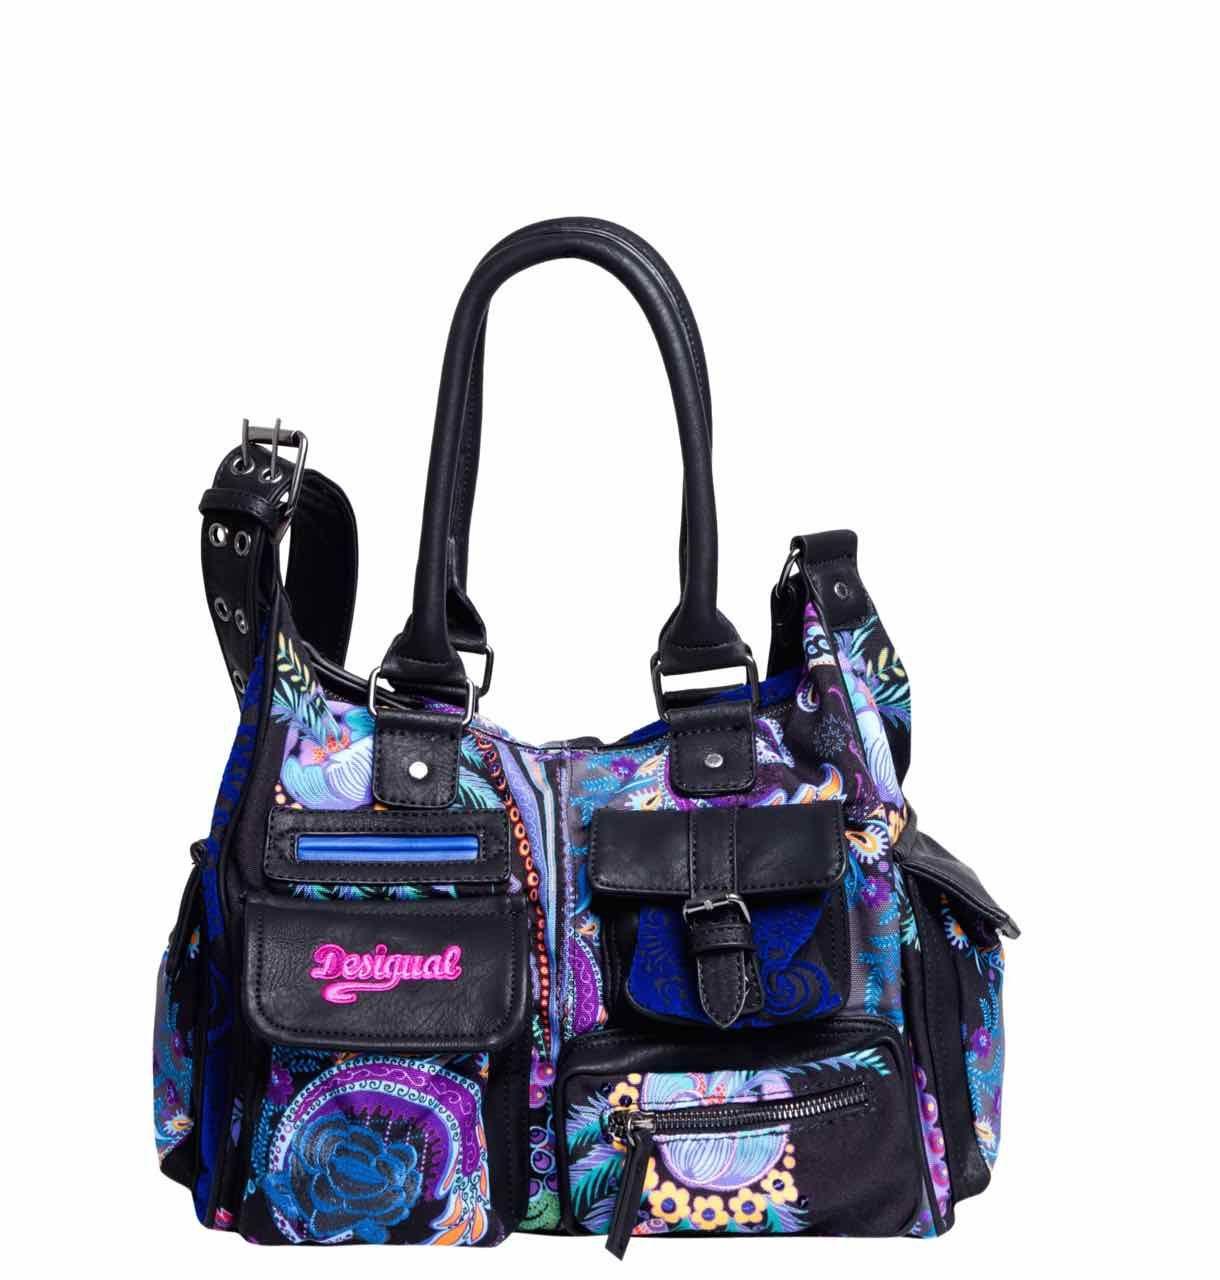 taille 7 prix le plus bas Quantité limitée 57X51Y1_5060 Desigual Bag London Medium Dreamland, Canada ...